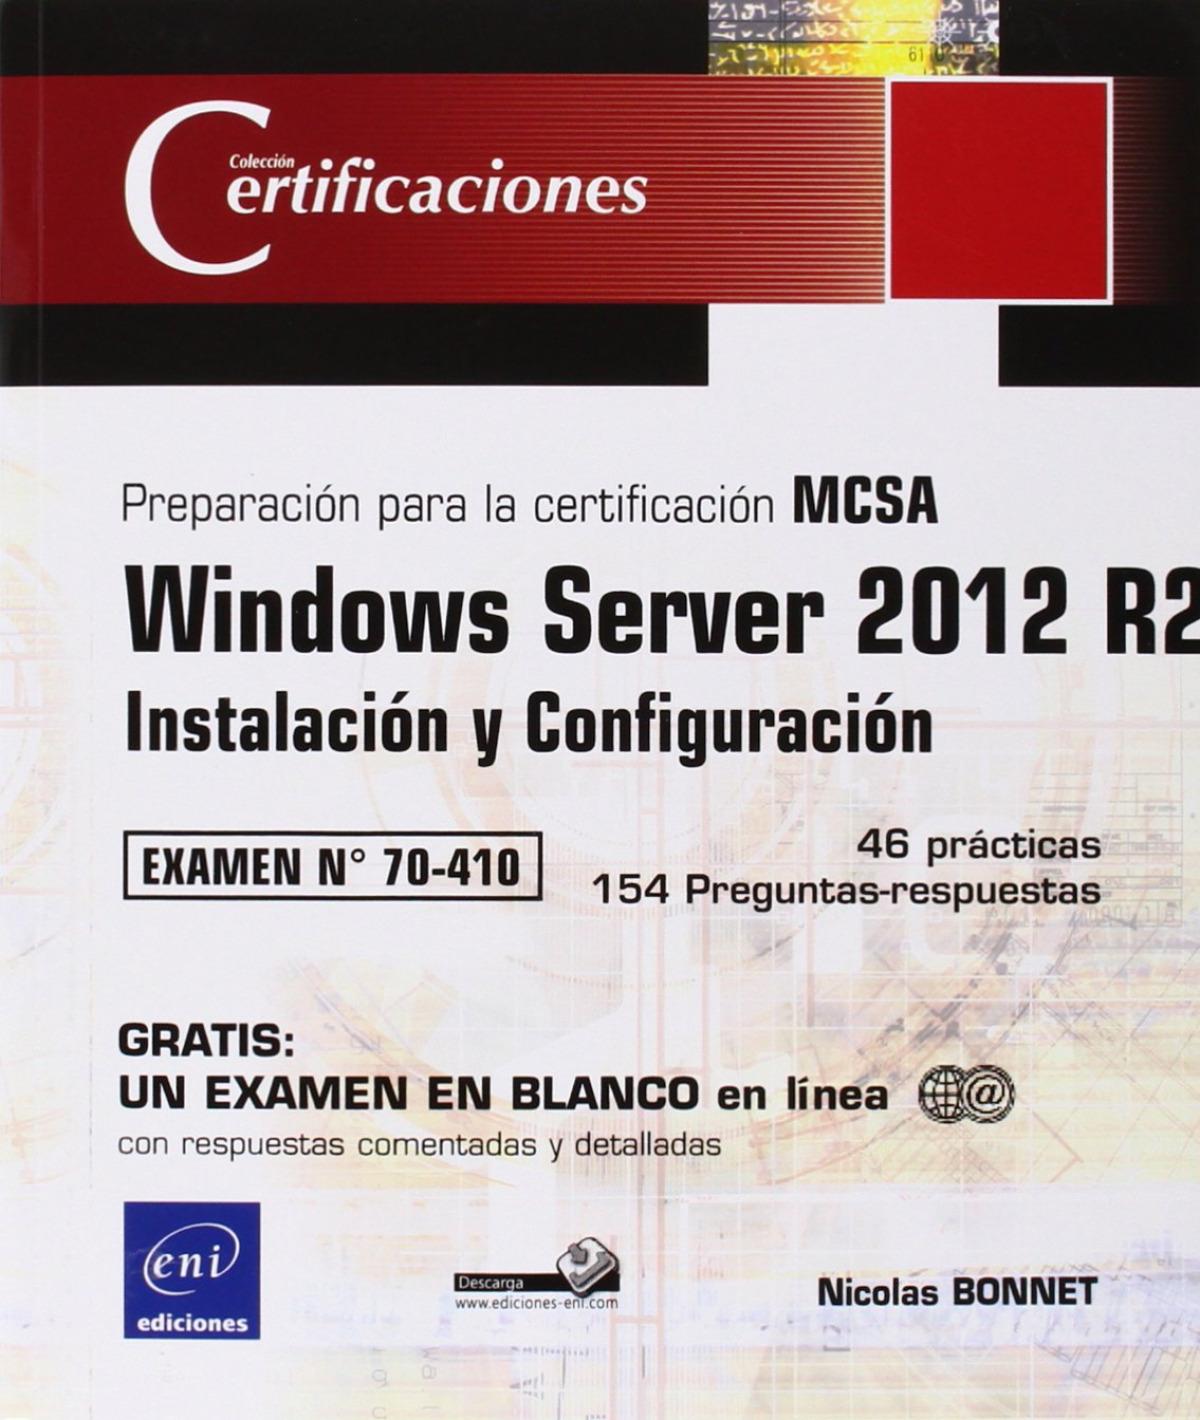 Certificaciones Windows Server 2012 R2 Examen 70-410